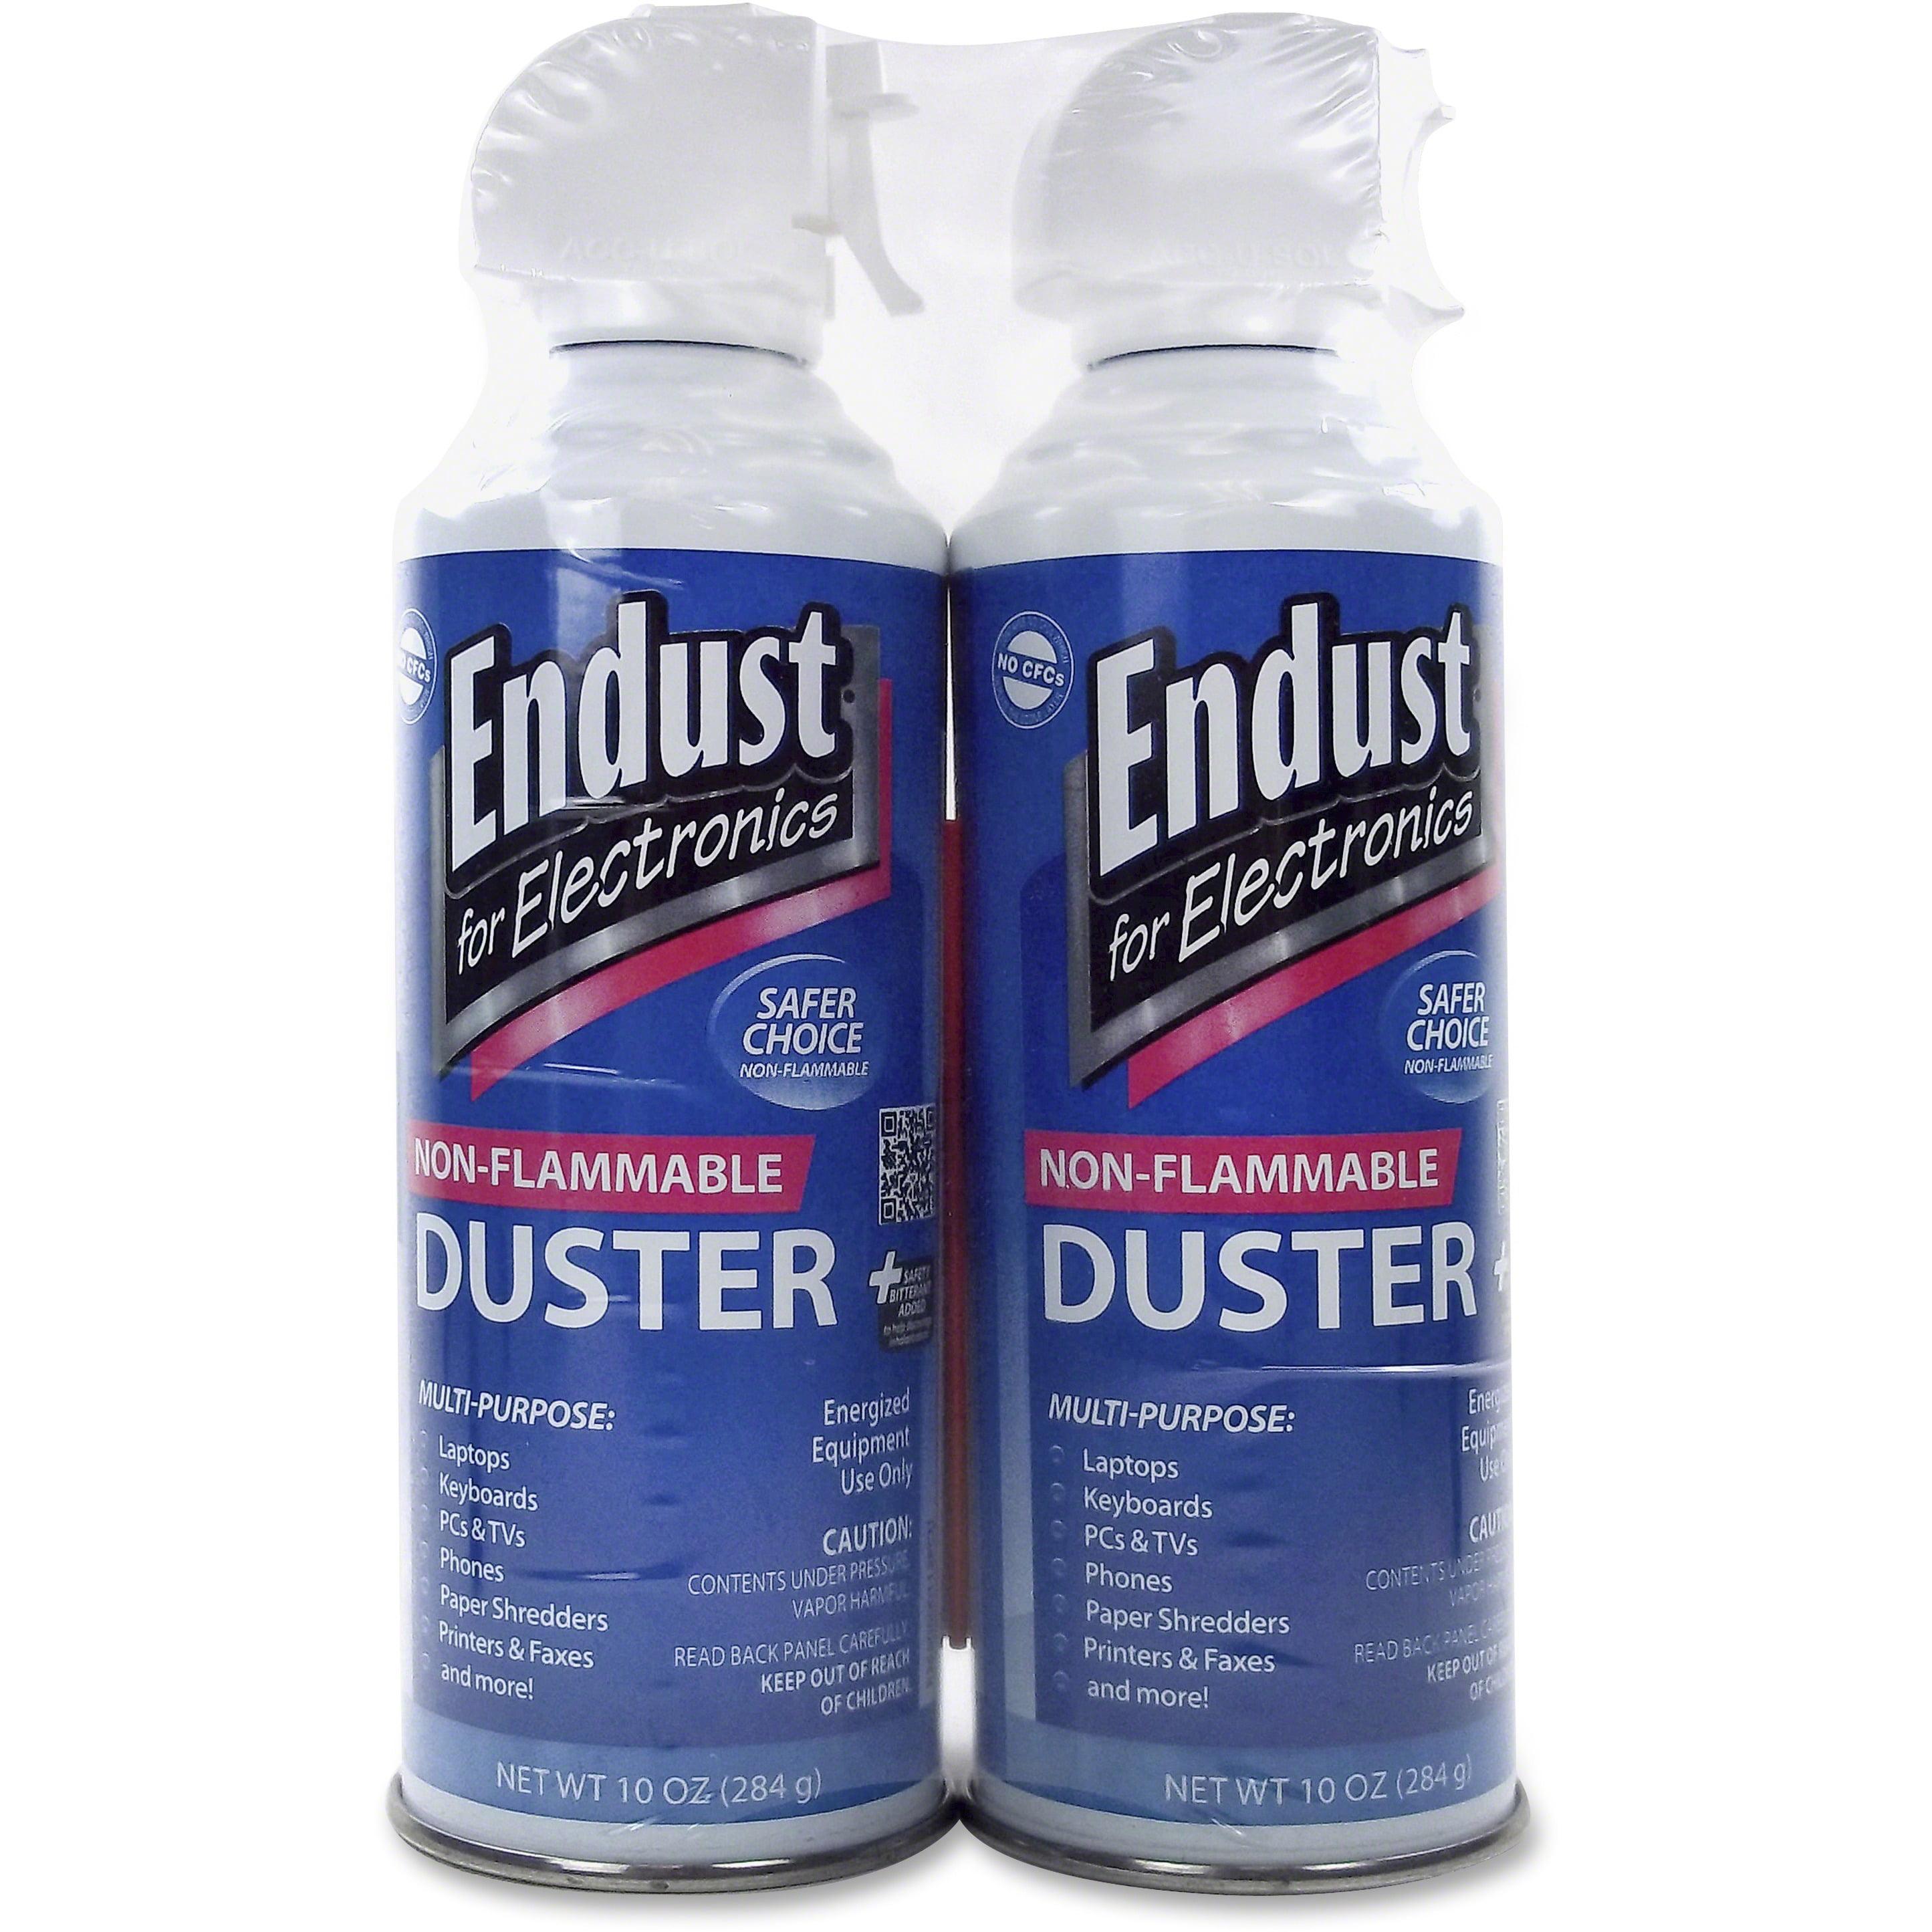 Endust, END248050, Multipurpose 10 oz. Duster, 2 / Pack, Blue